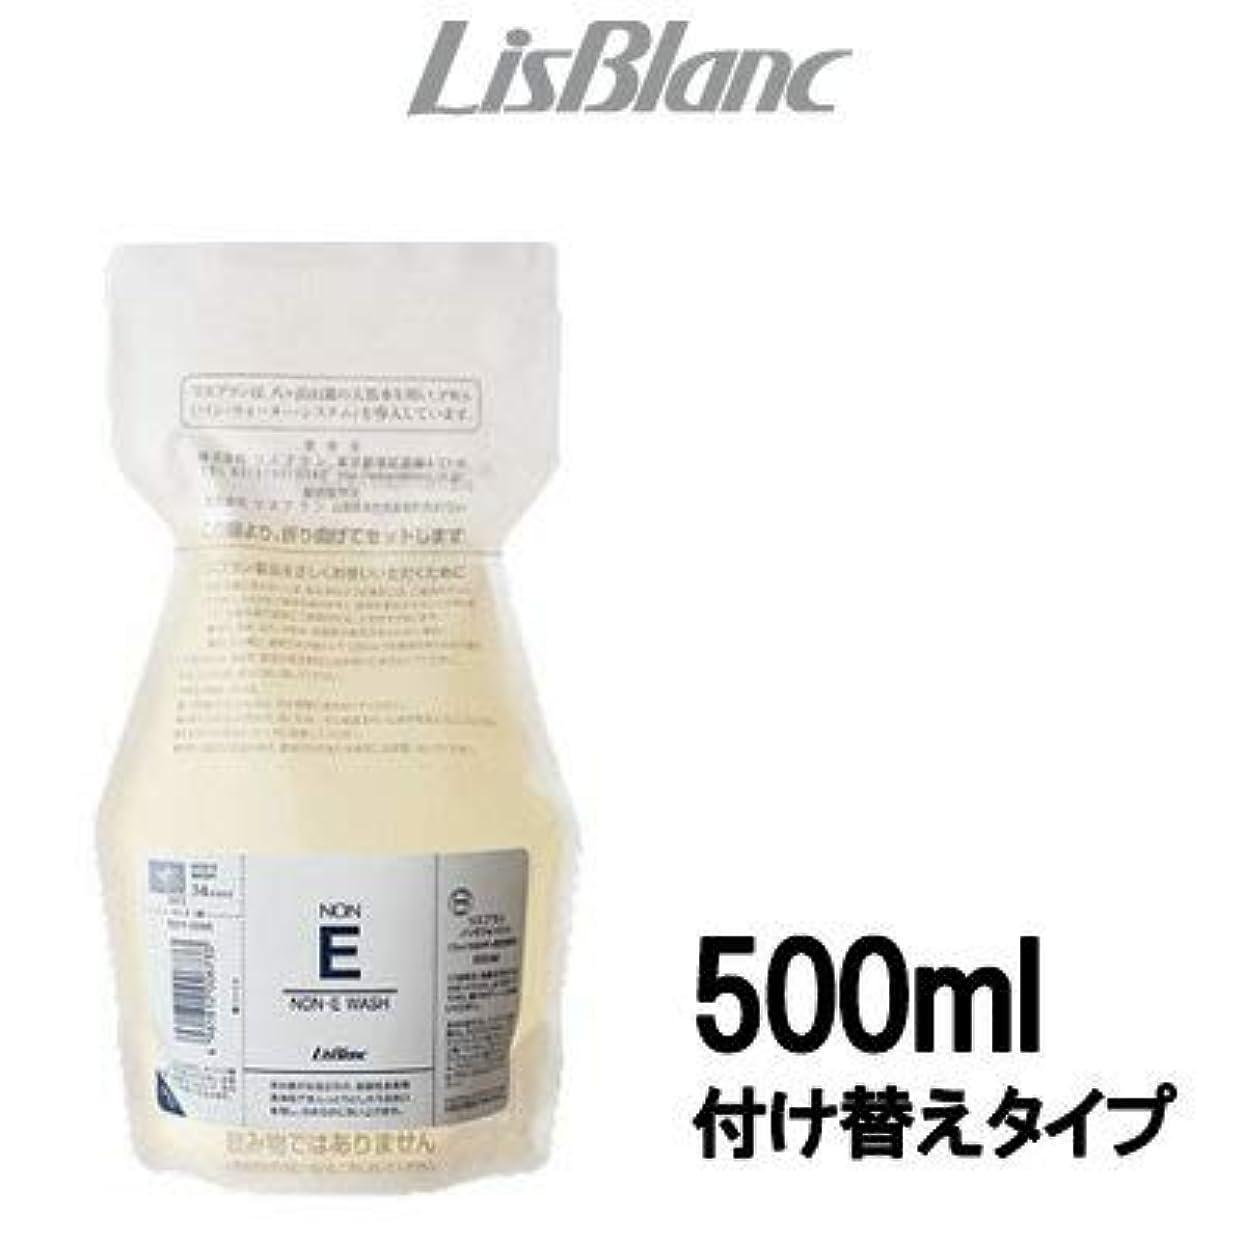 リスブラン ノンEウォッシュ 500ml フェイス&ボディ用洗浄料